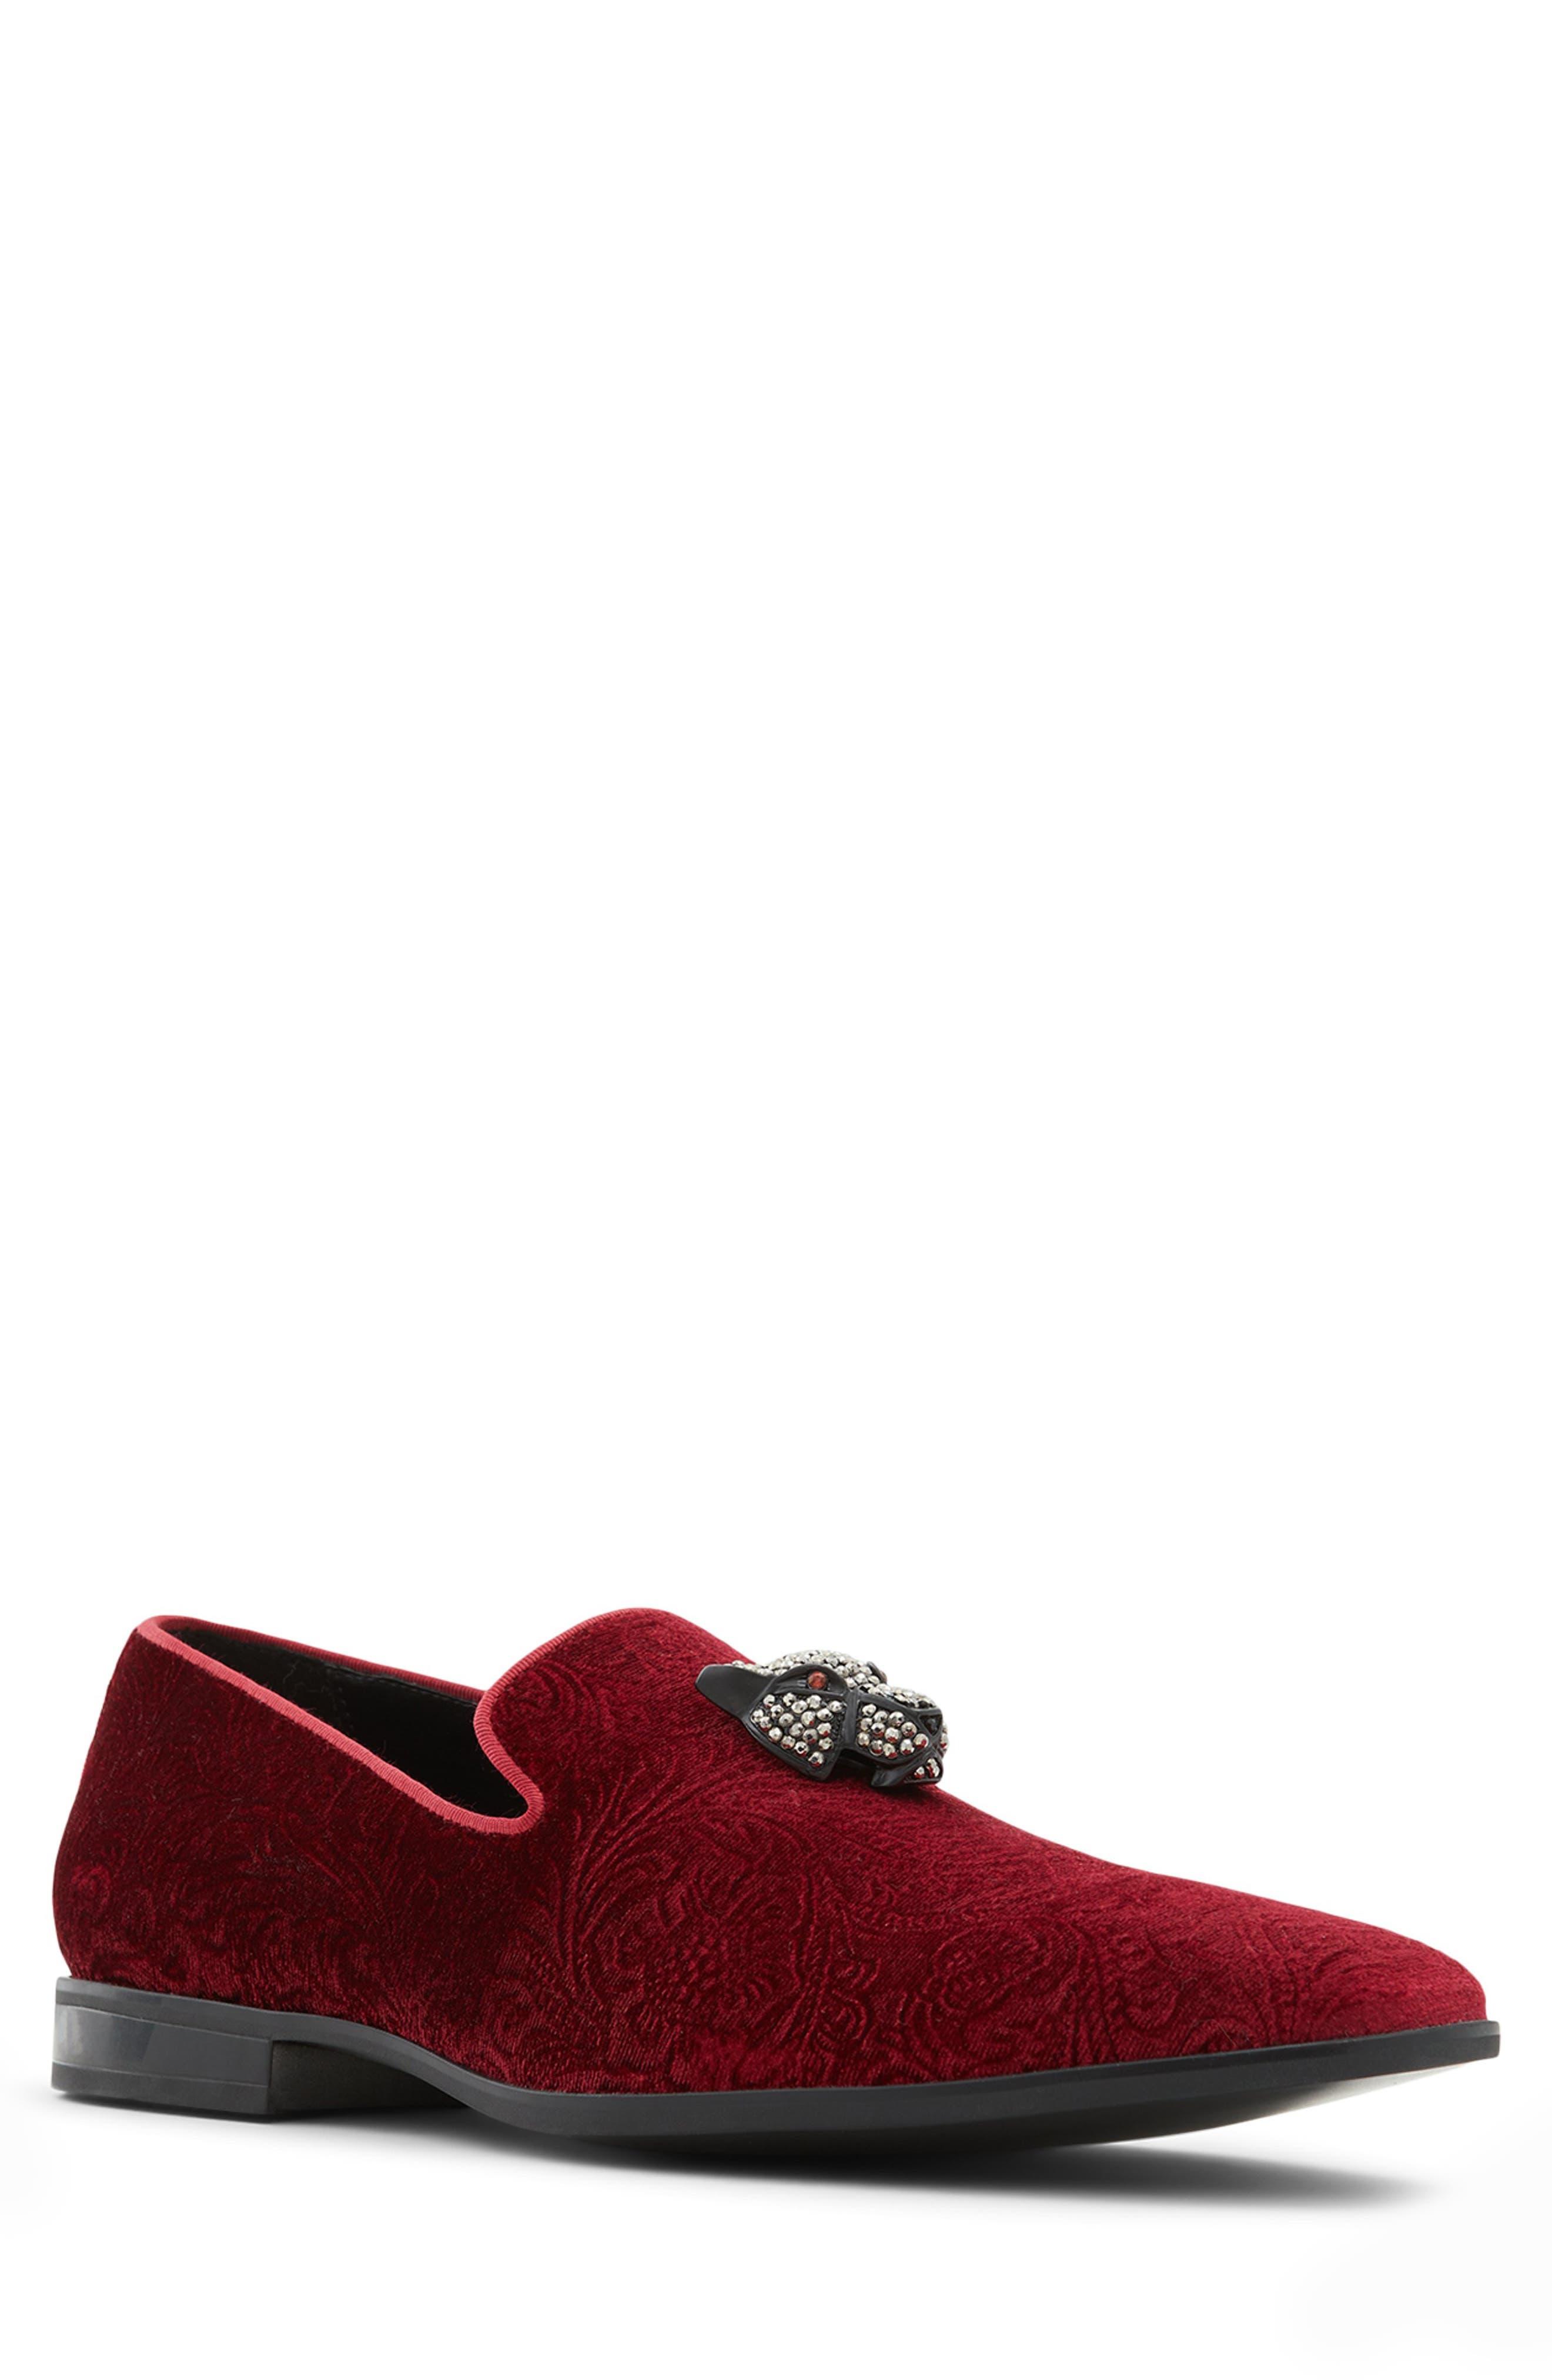 Asearwen Embellished Loafer